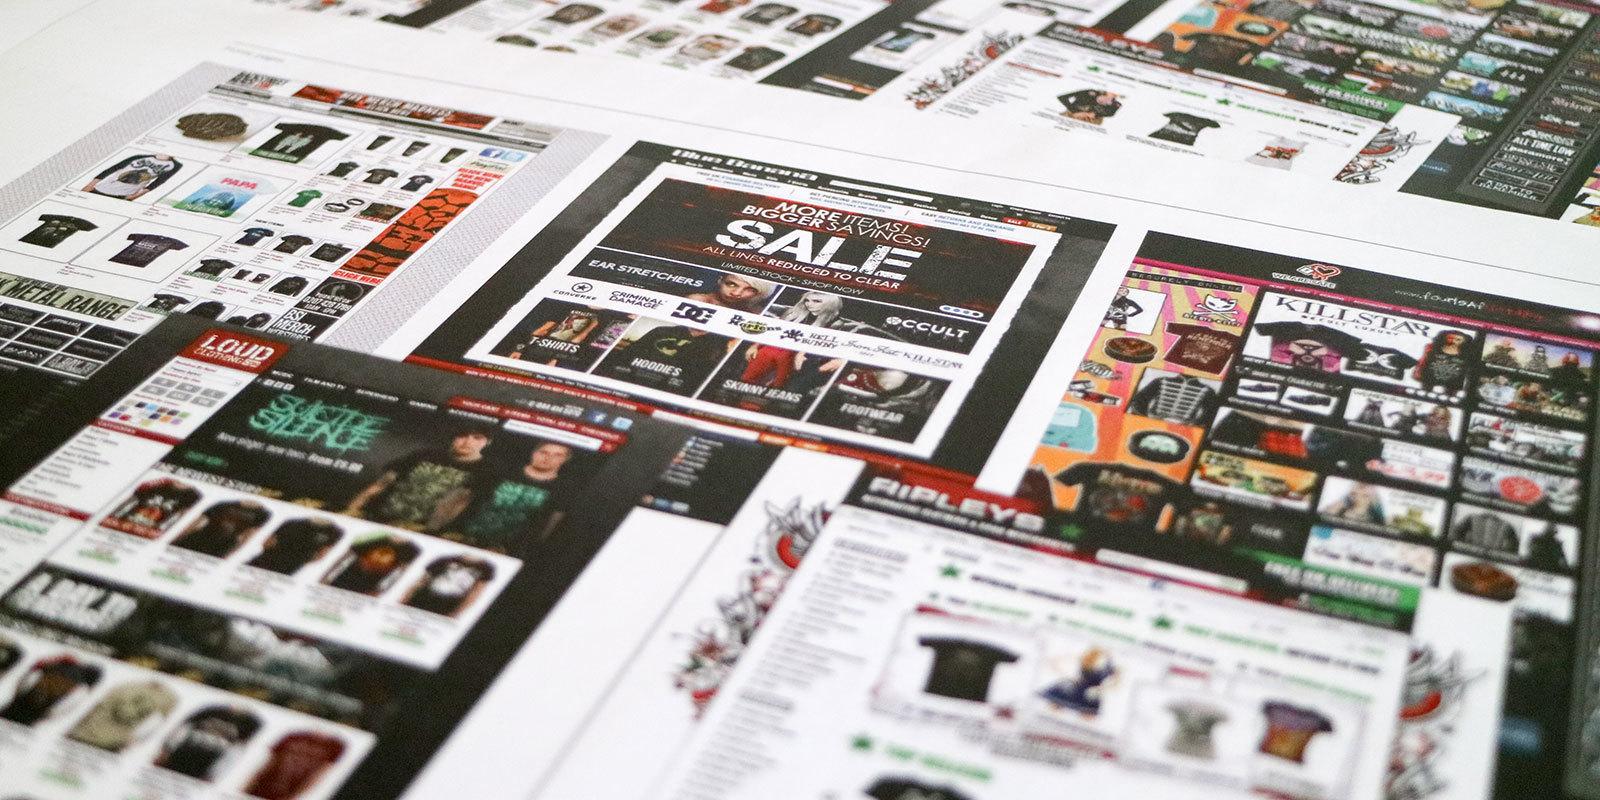 Grindstore Webpages